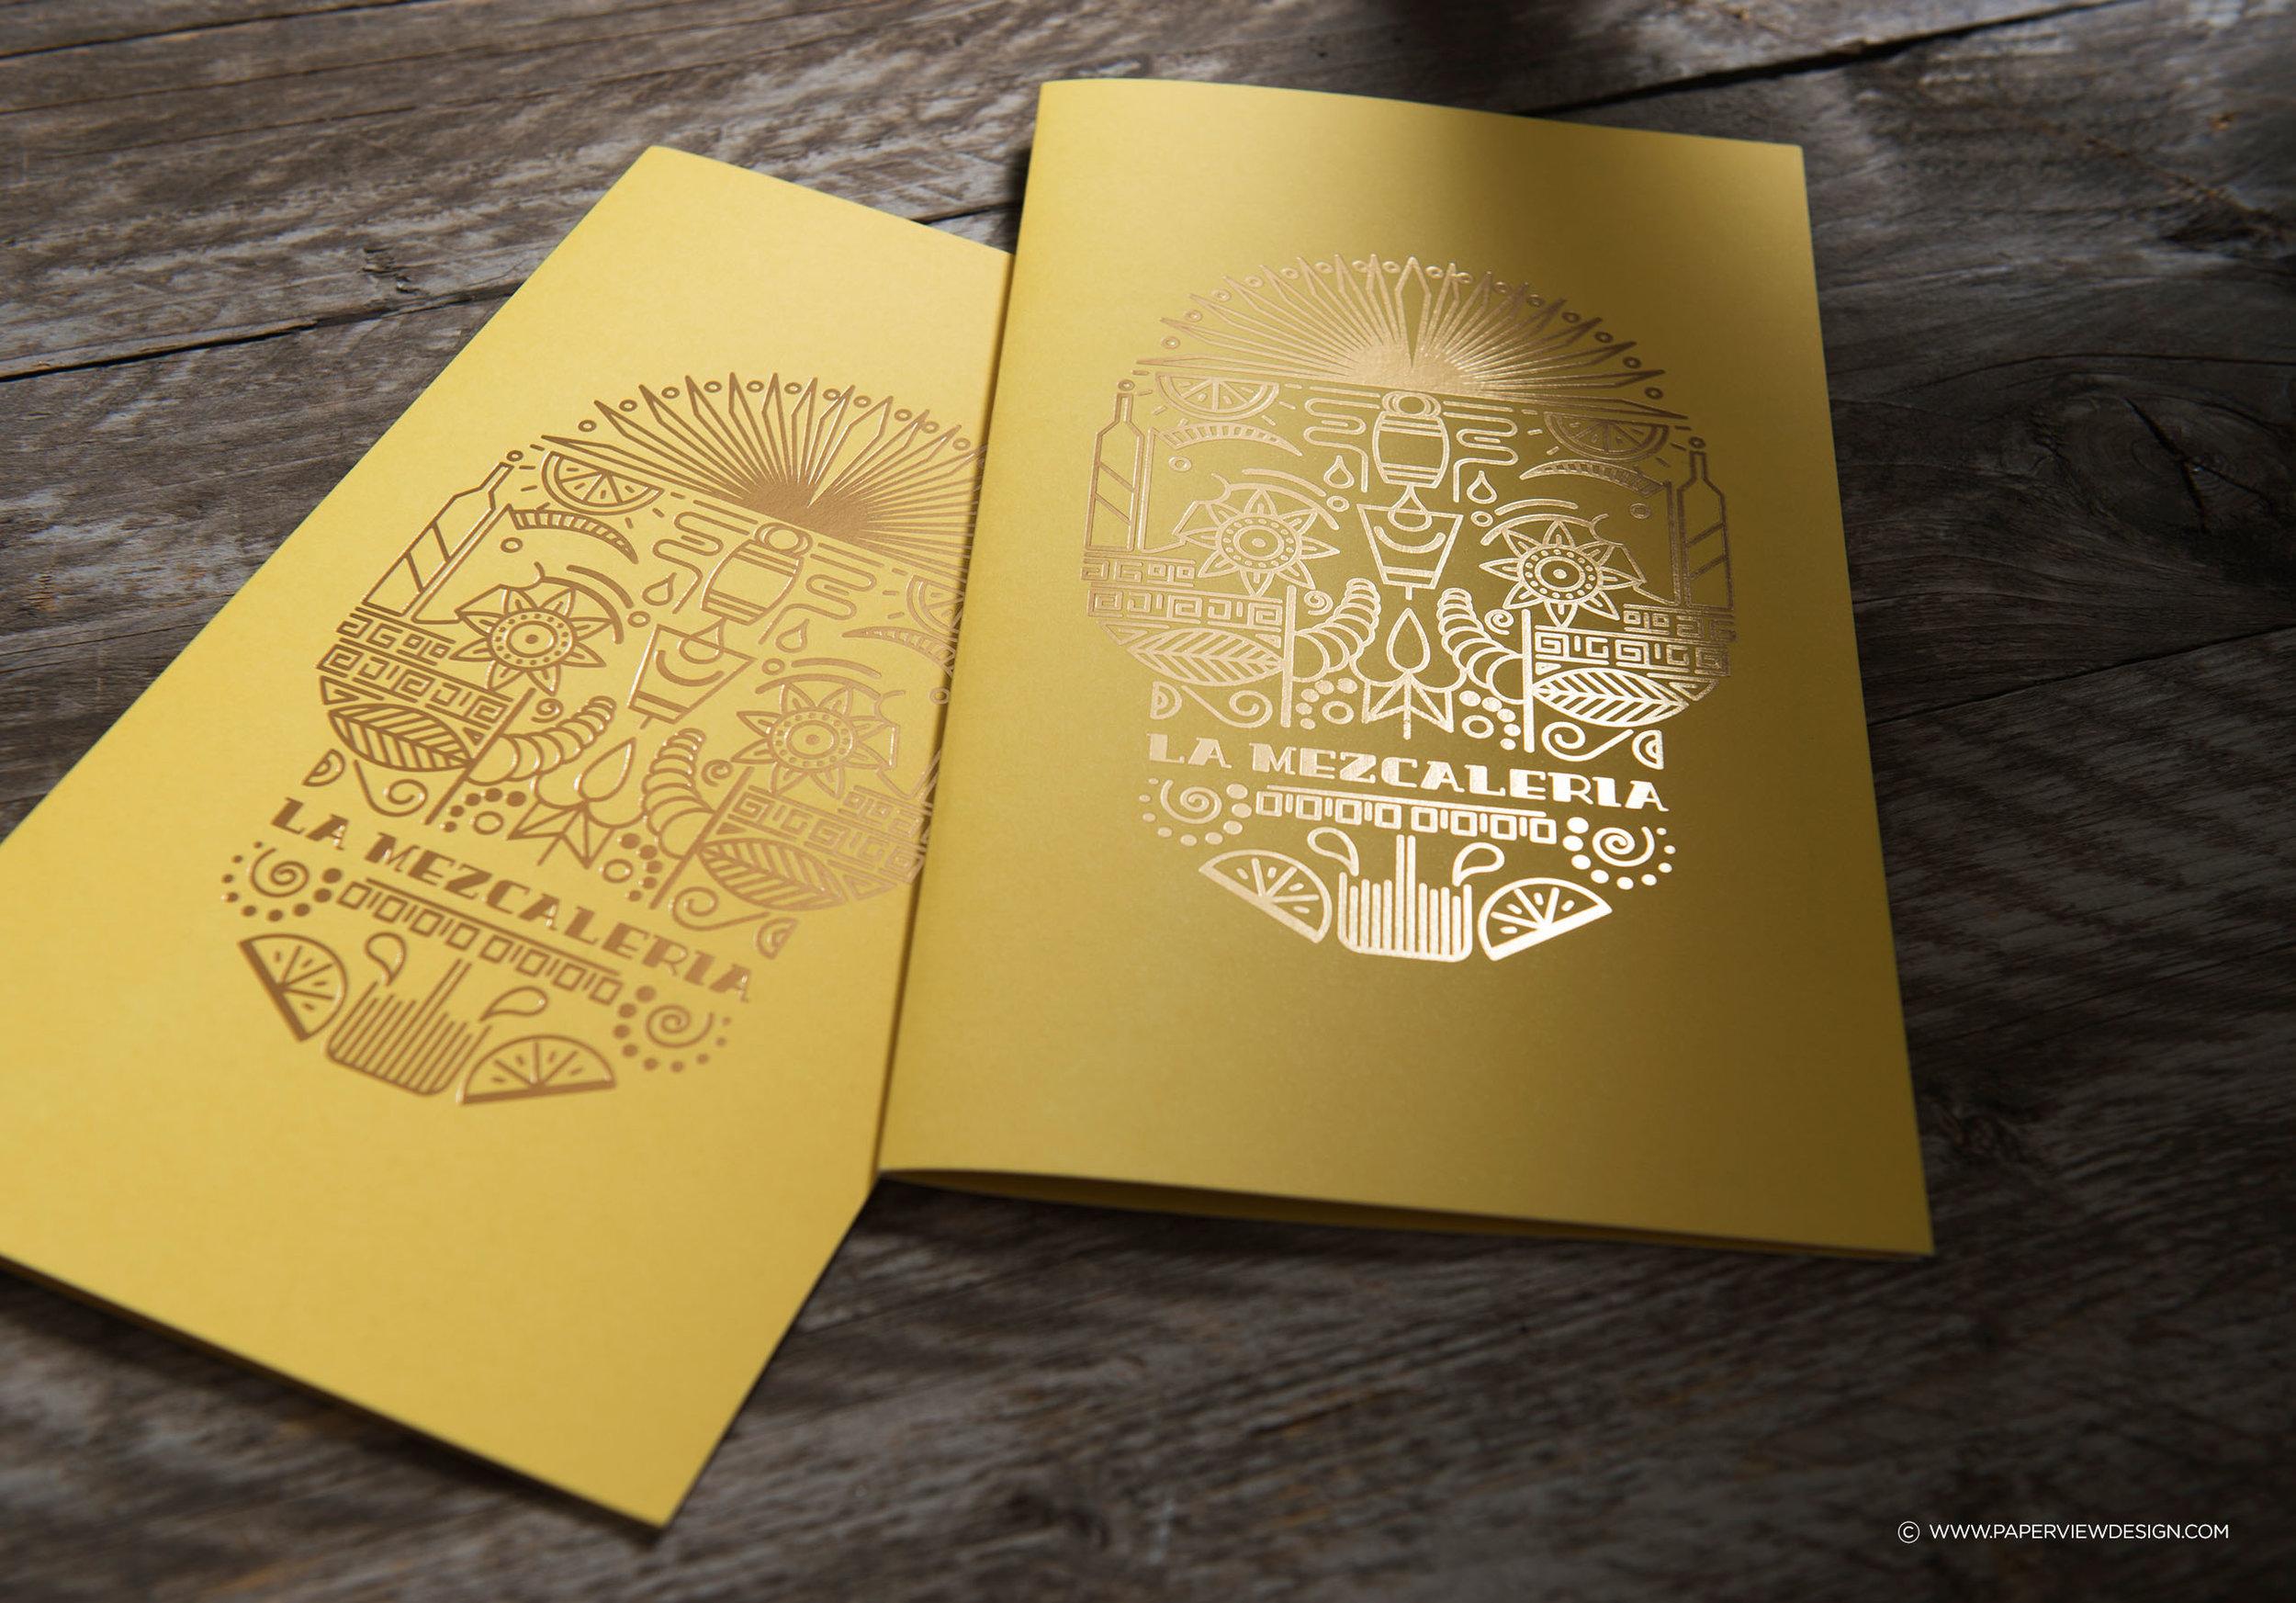 LaMezcaleria-Identity-Branding-Mexican-Bar-Restaurant-Skull-Illustration-Menu-Gold-Foil